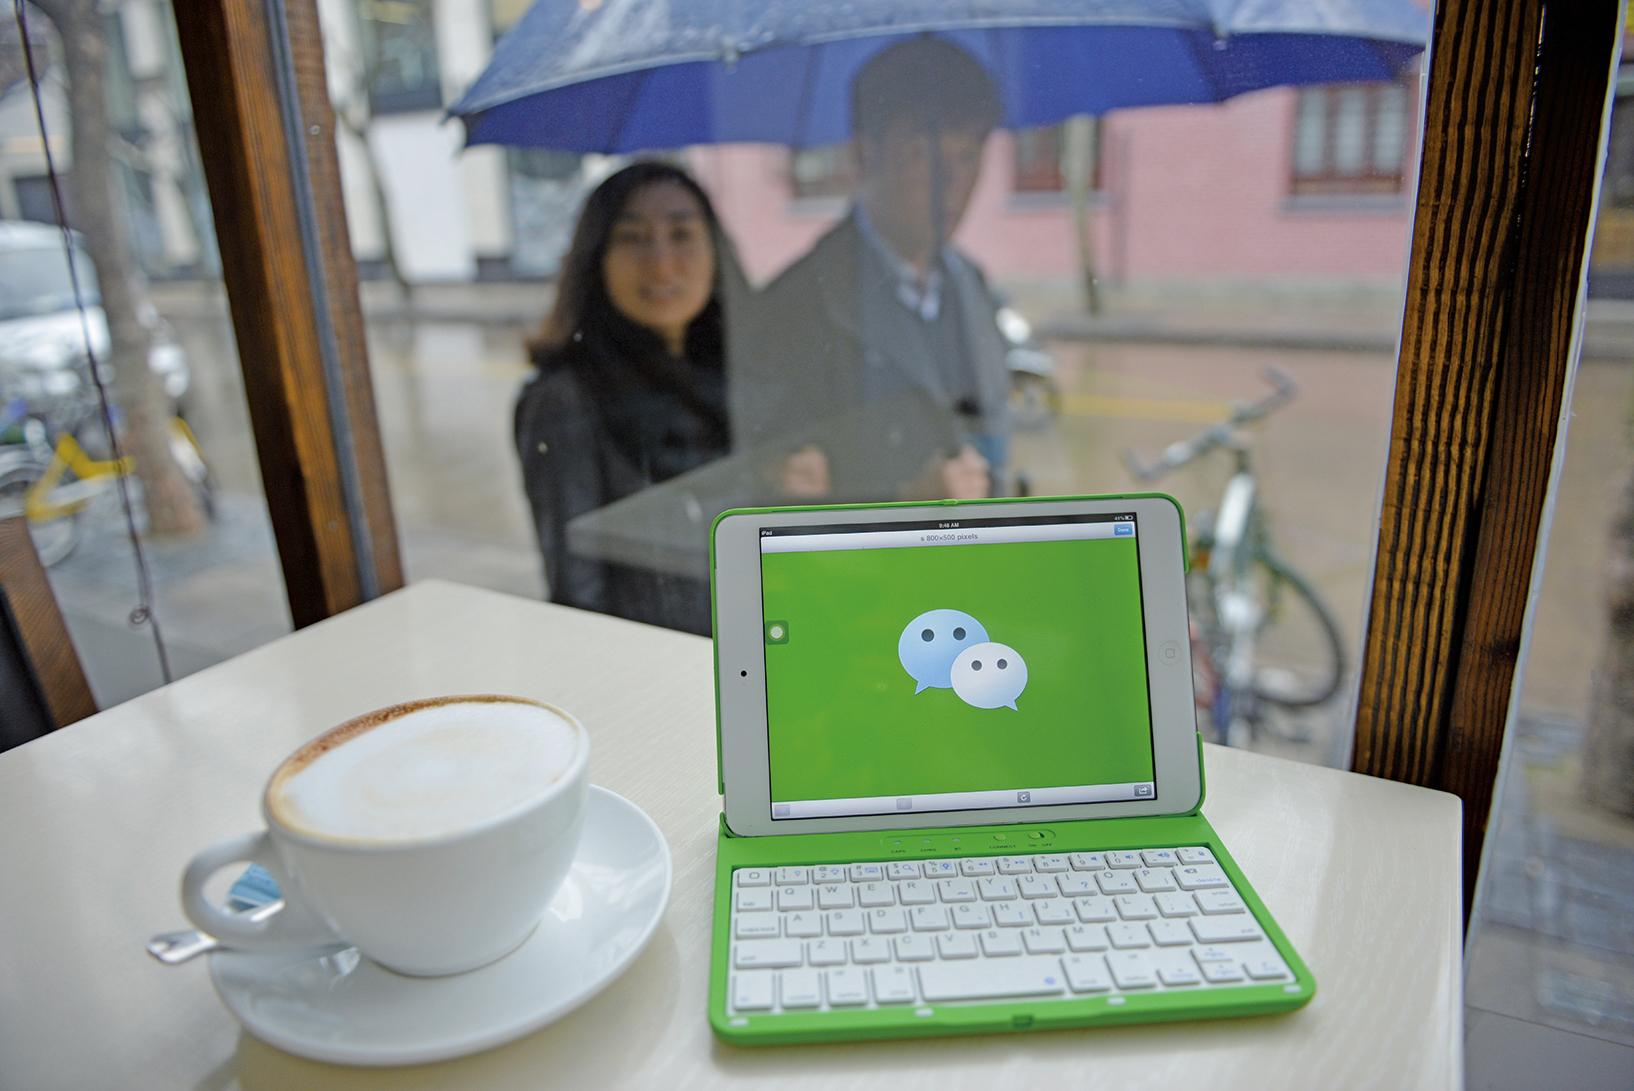 美國總統特朗普及副總統彭斯近期公開抨擊中共,美國駐華大使館利用中國社交媒體微信(WeChat)上傳批評中共的帖文,提供完整信息給十多億中國網民。(AFP)